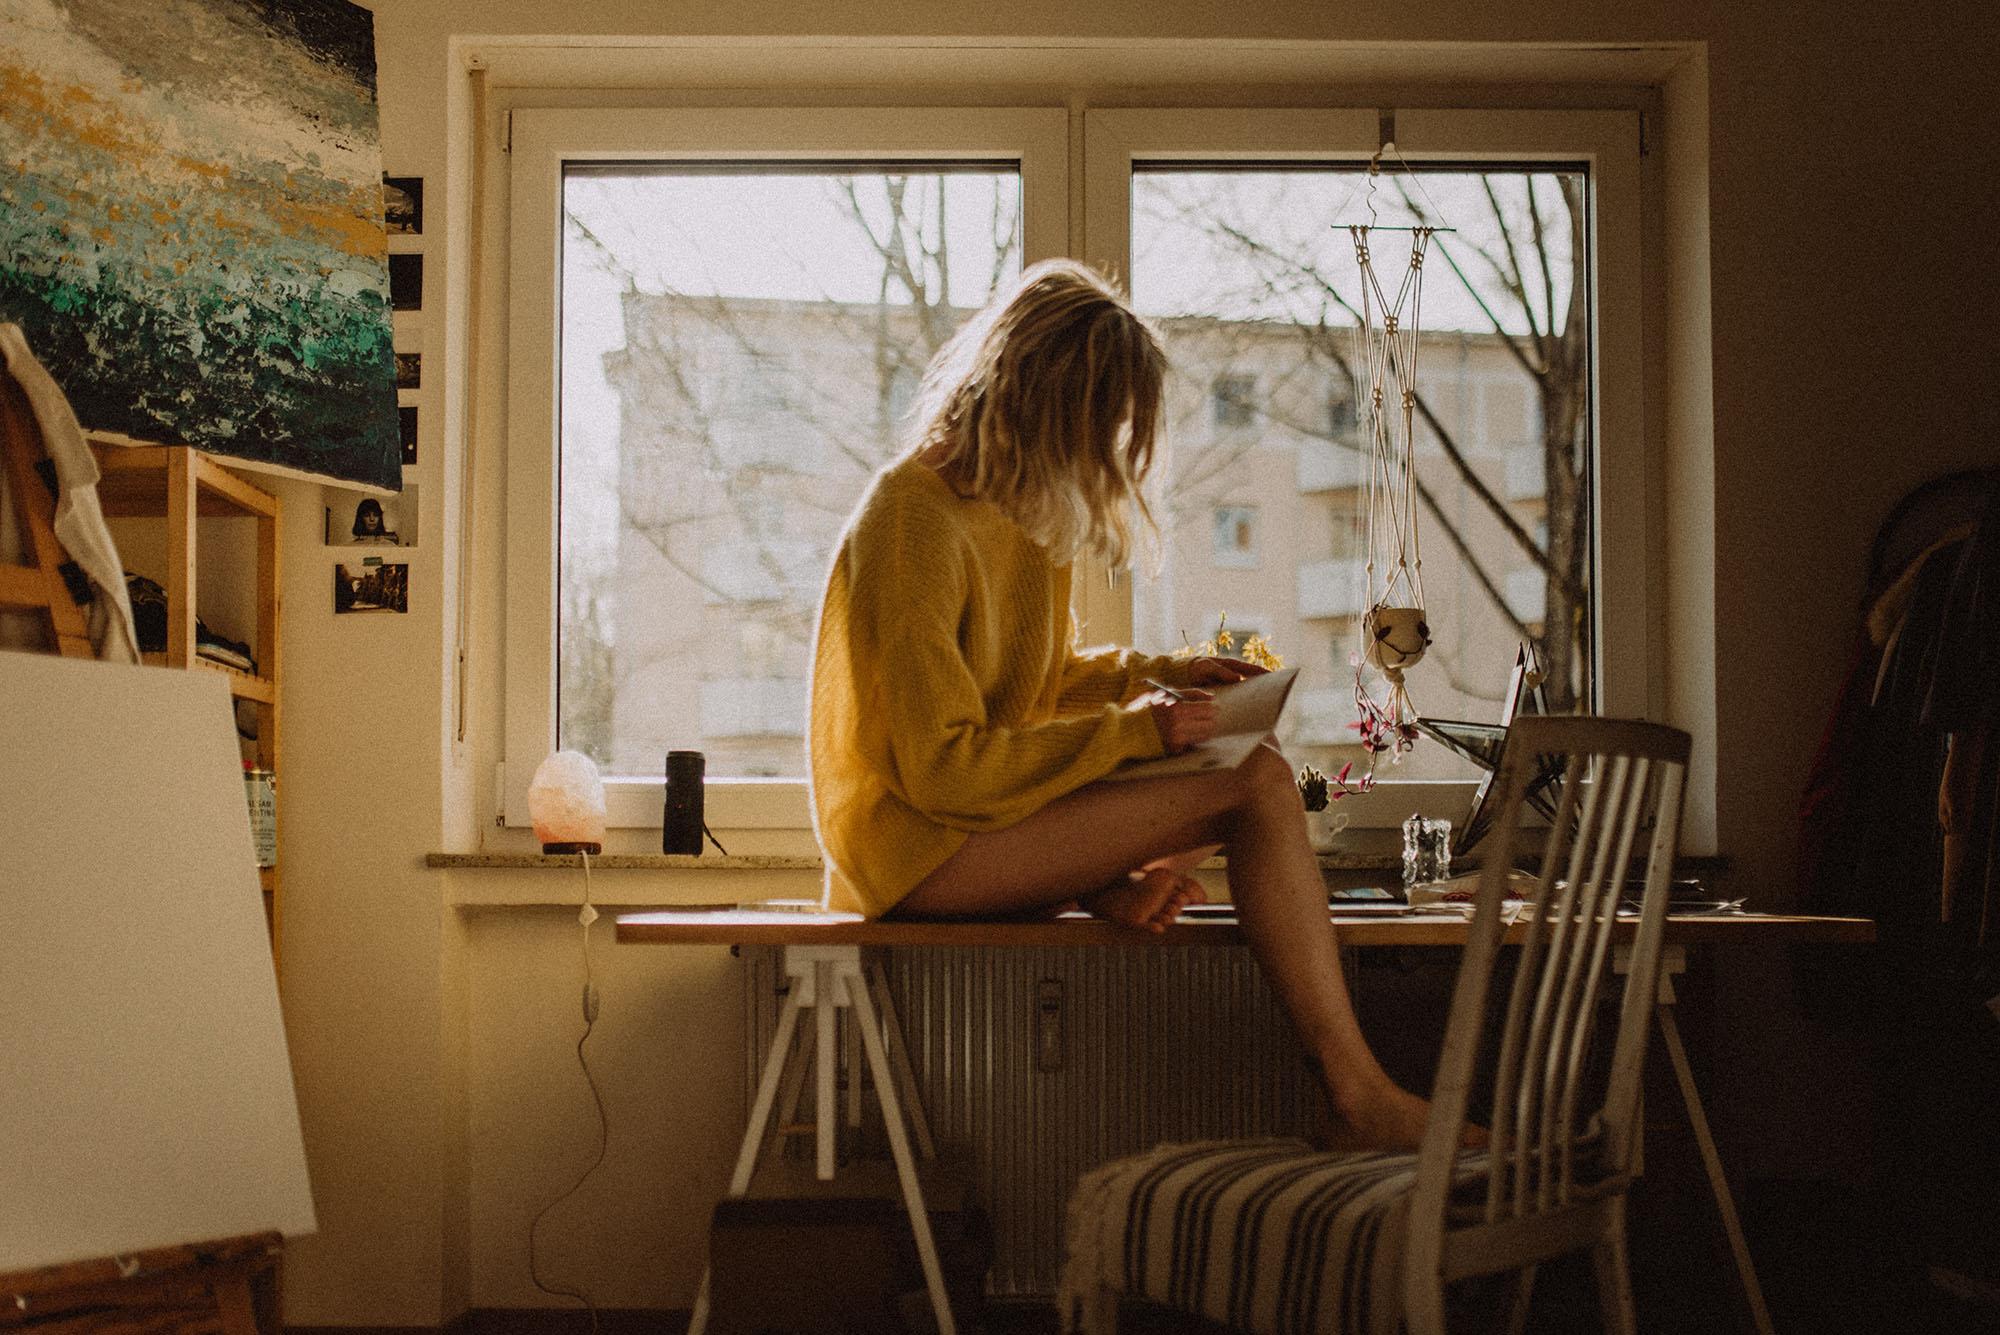 Cô gái chăm sóc sức khỏe tinh thần bằng cách viết nhật ký cảm xúc